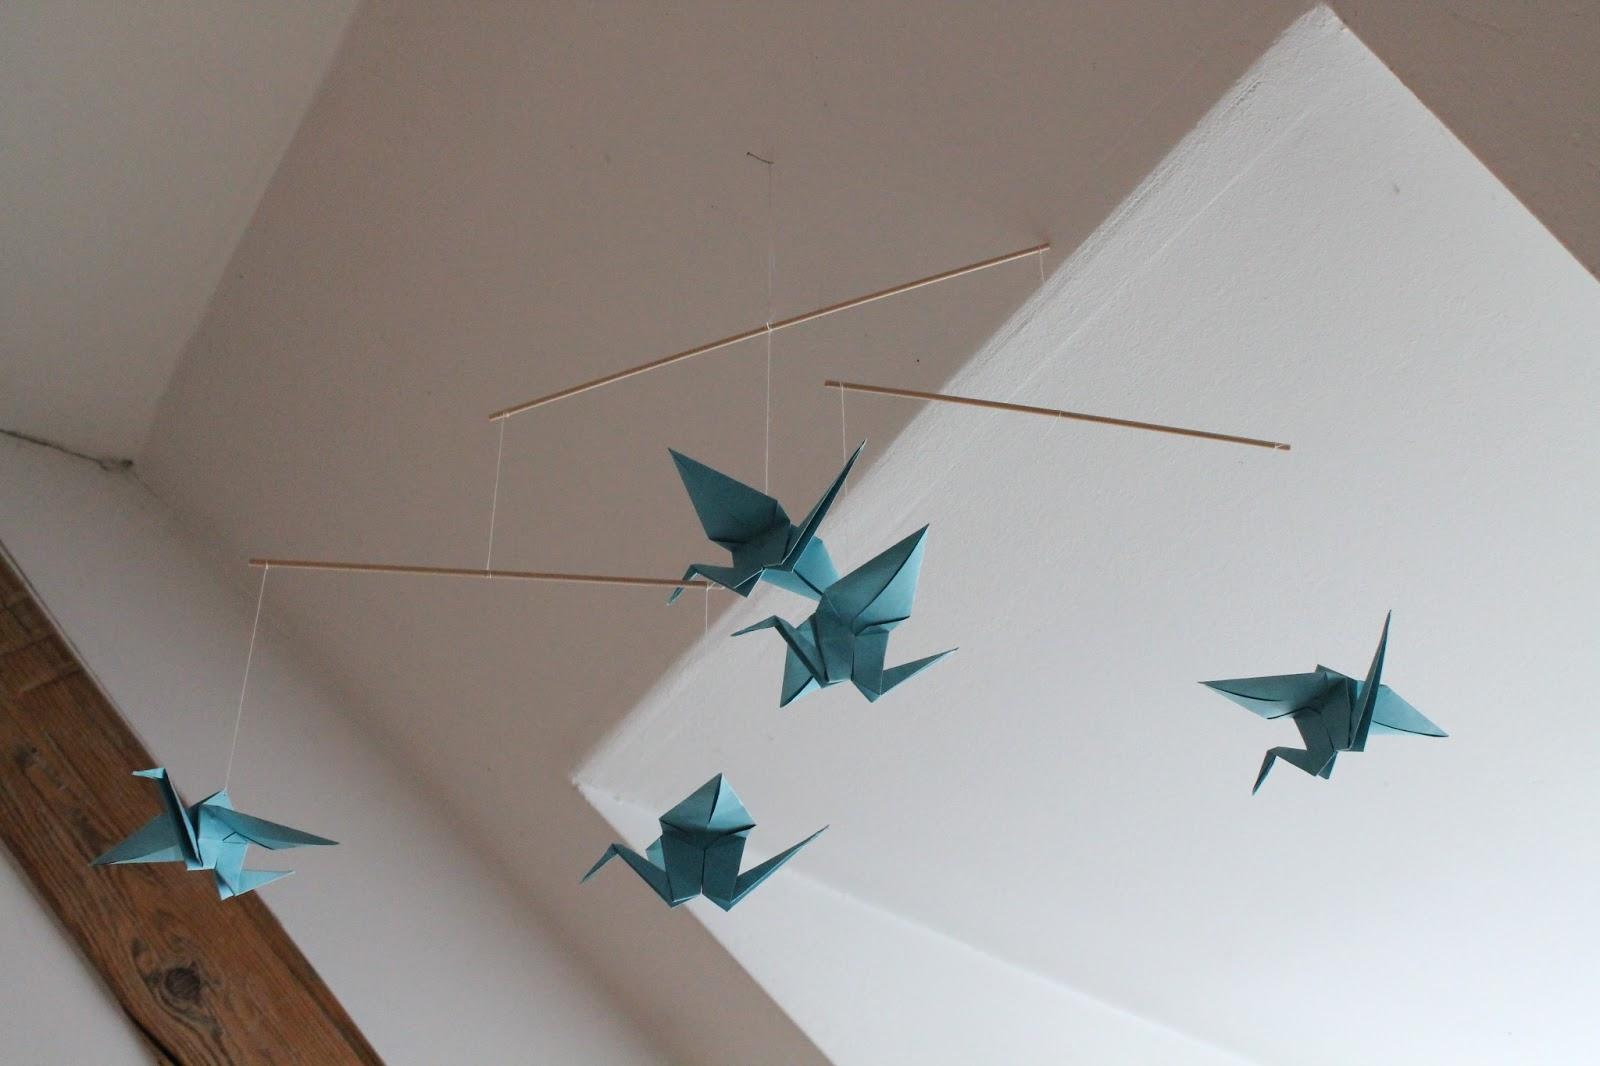 lisartig origami mobile. Black Bedroom Furniture Sets. Home Design Ideas